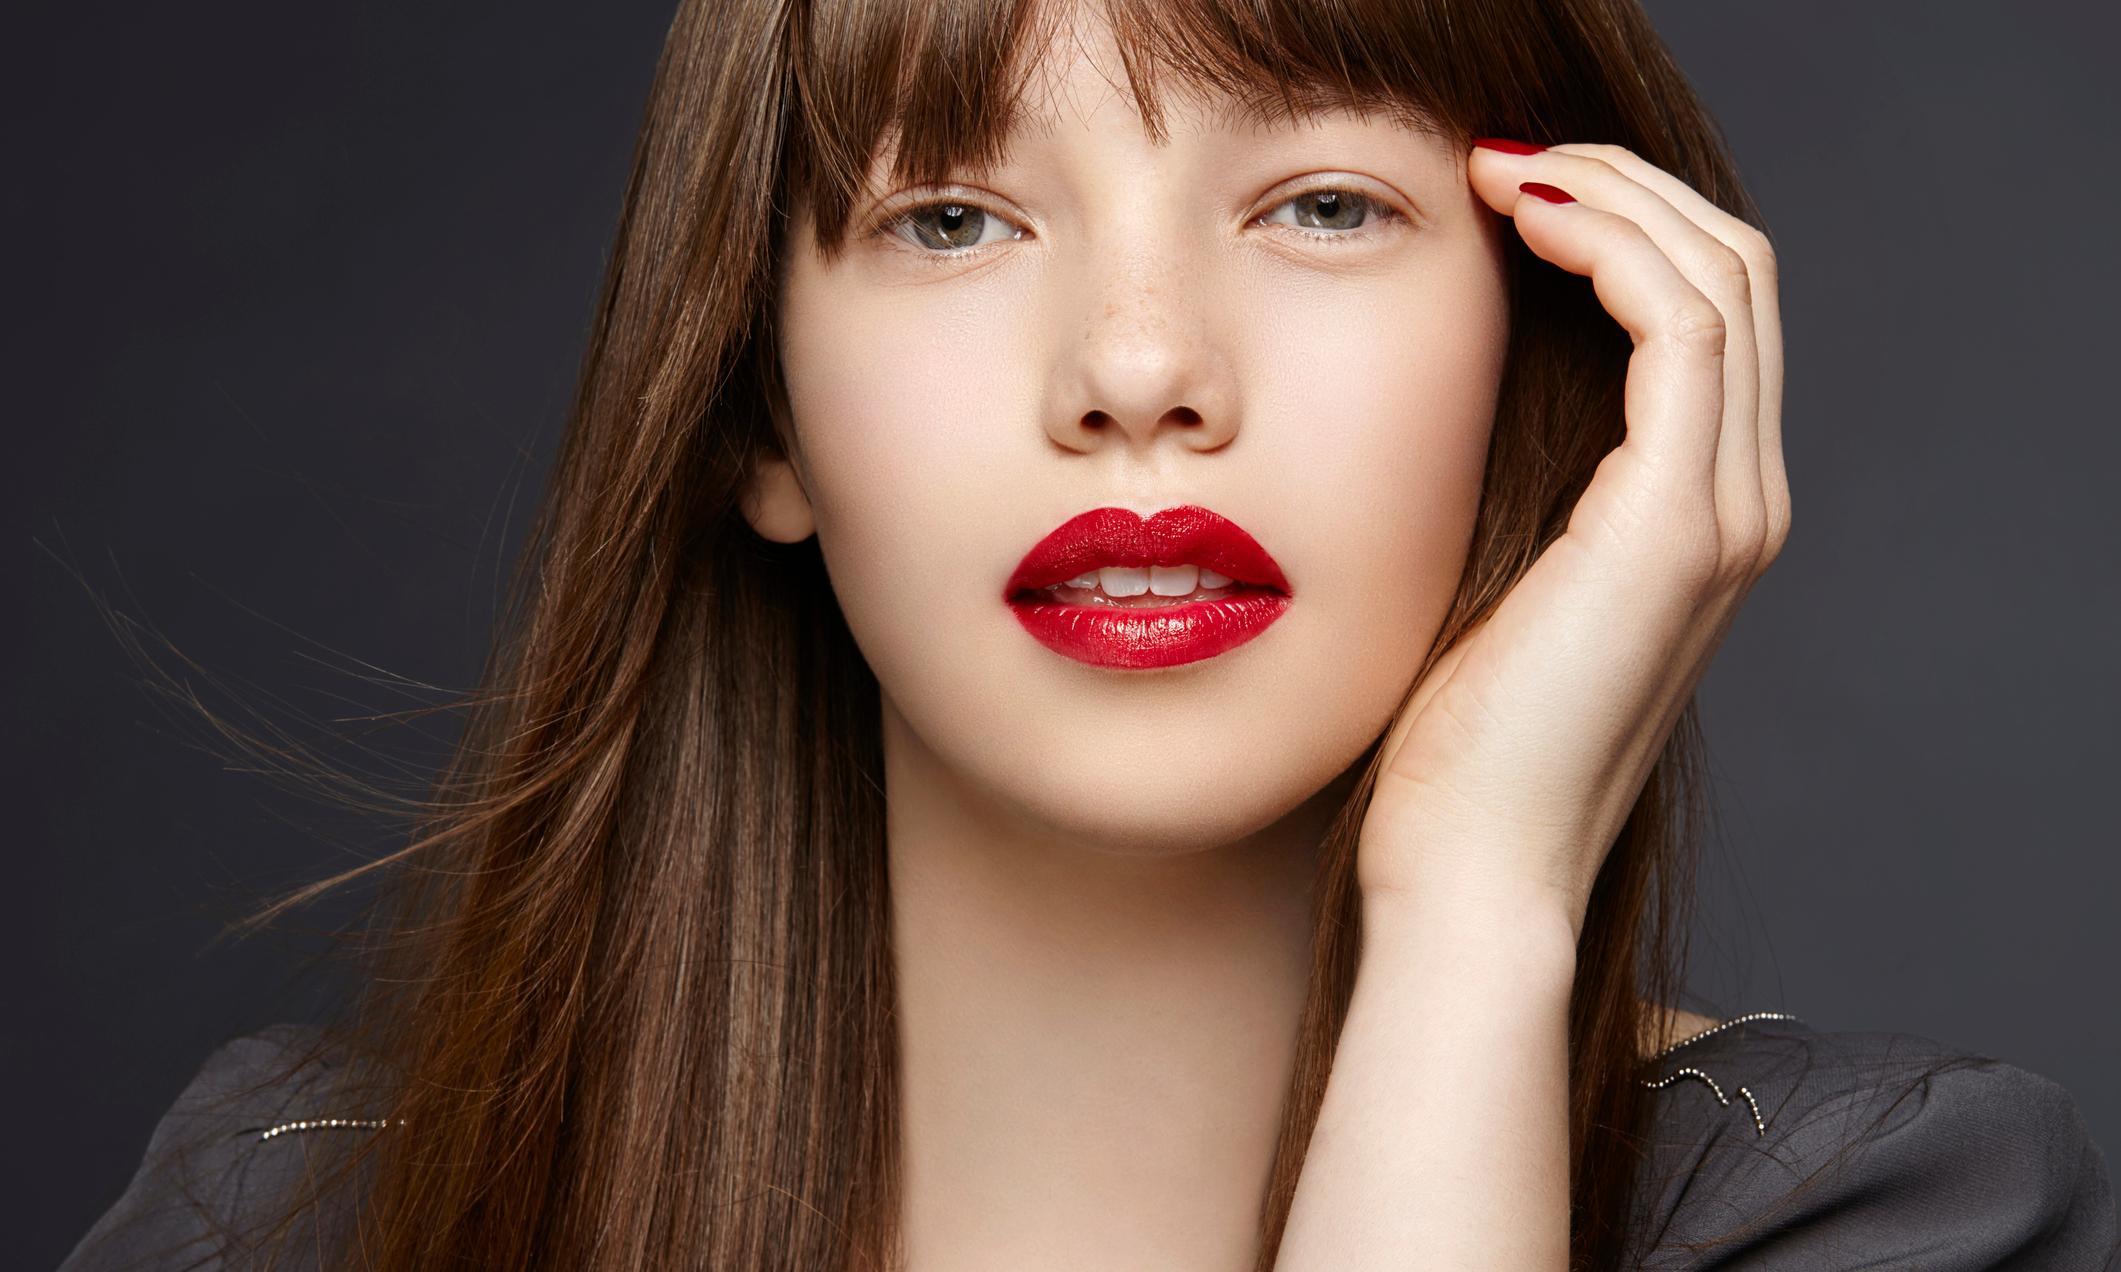 Какие помады в моде этой весной: макияж губ 2019, модные тенденции фото